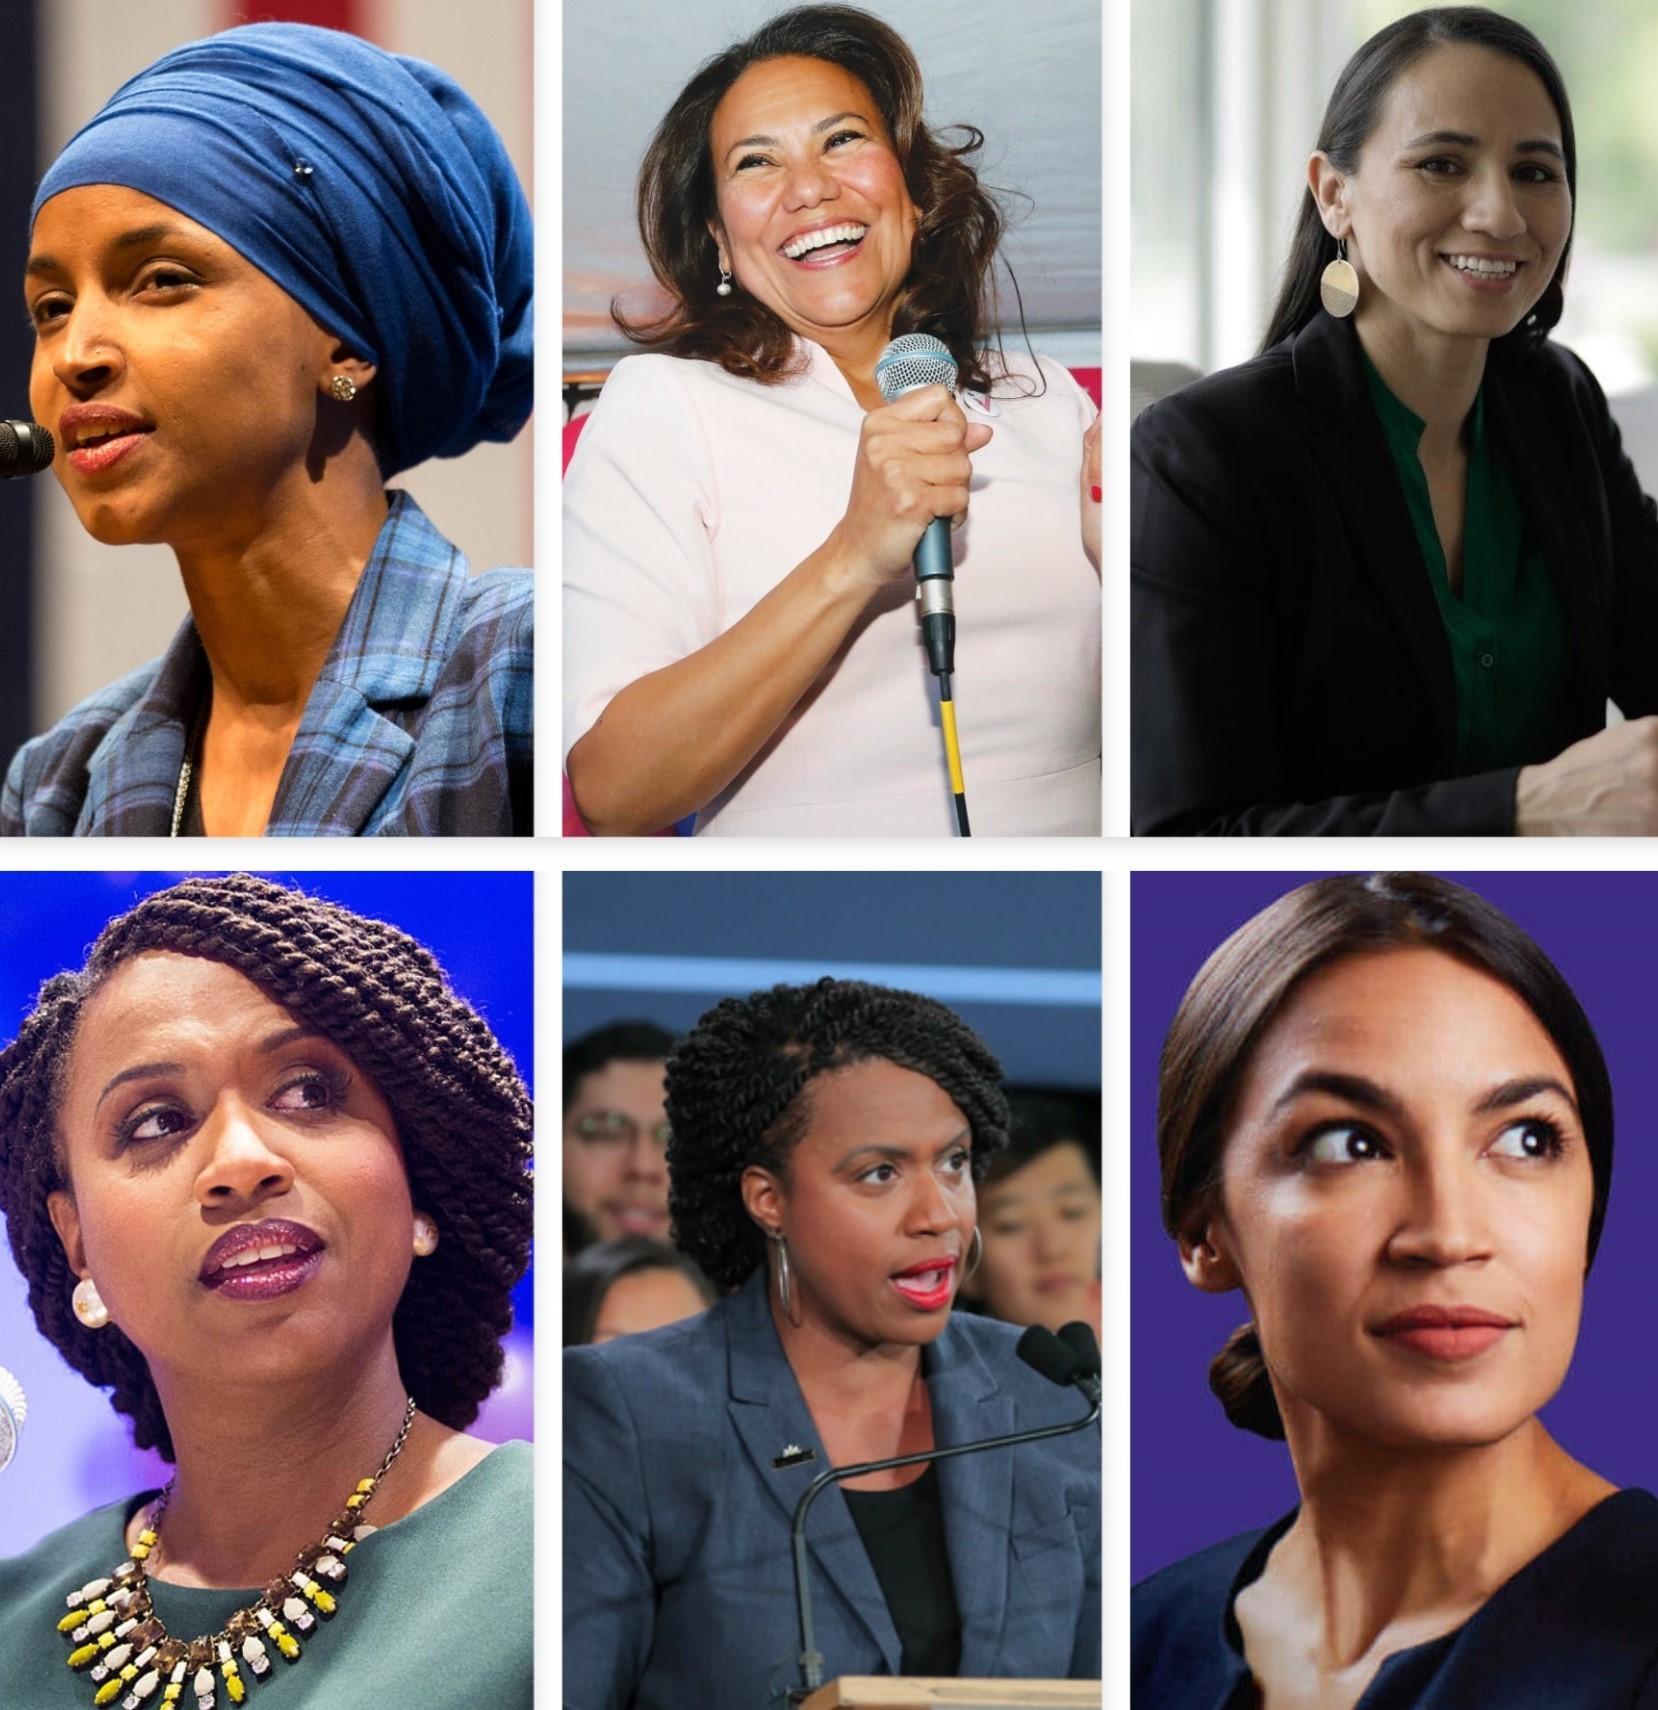 Donne al potere, inizia il cambiamento